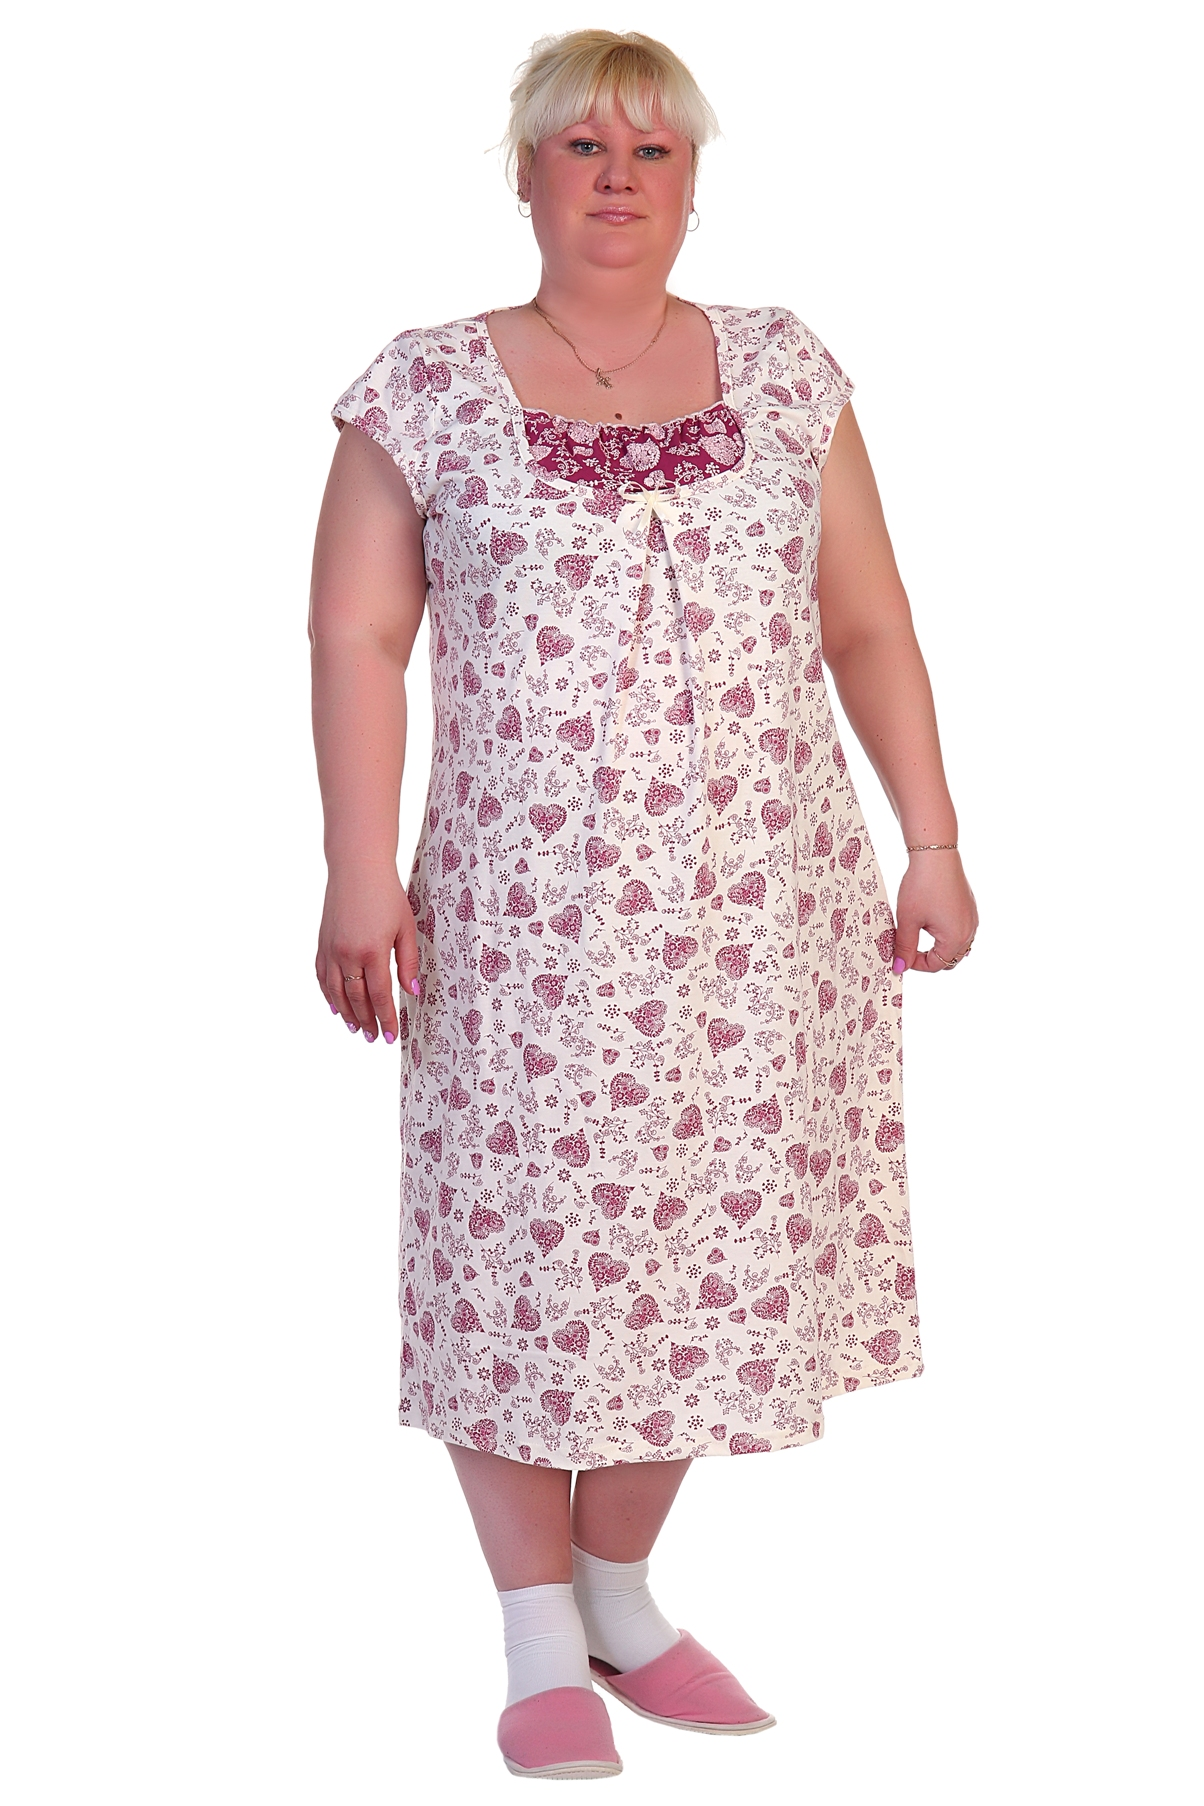 Жен. сорочка арт. 16-0288 р. 62Ночные сорочки<br>Факт. ОГ: 128 см <br>Факт. ОТ: 132 см <br>Факт. ОБ: 144 см <br>Длина по спинке: 115 см<br><br>Тип: Жен. сорочка<br>Размер: 62<br>Материал: Кулирка